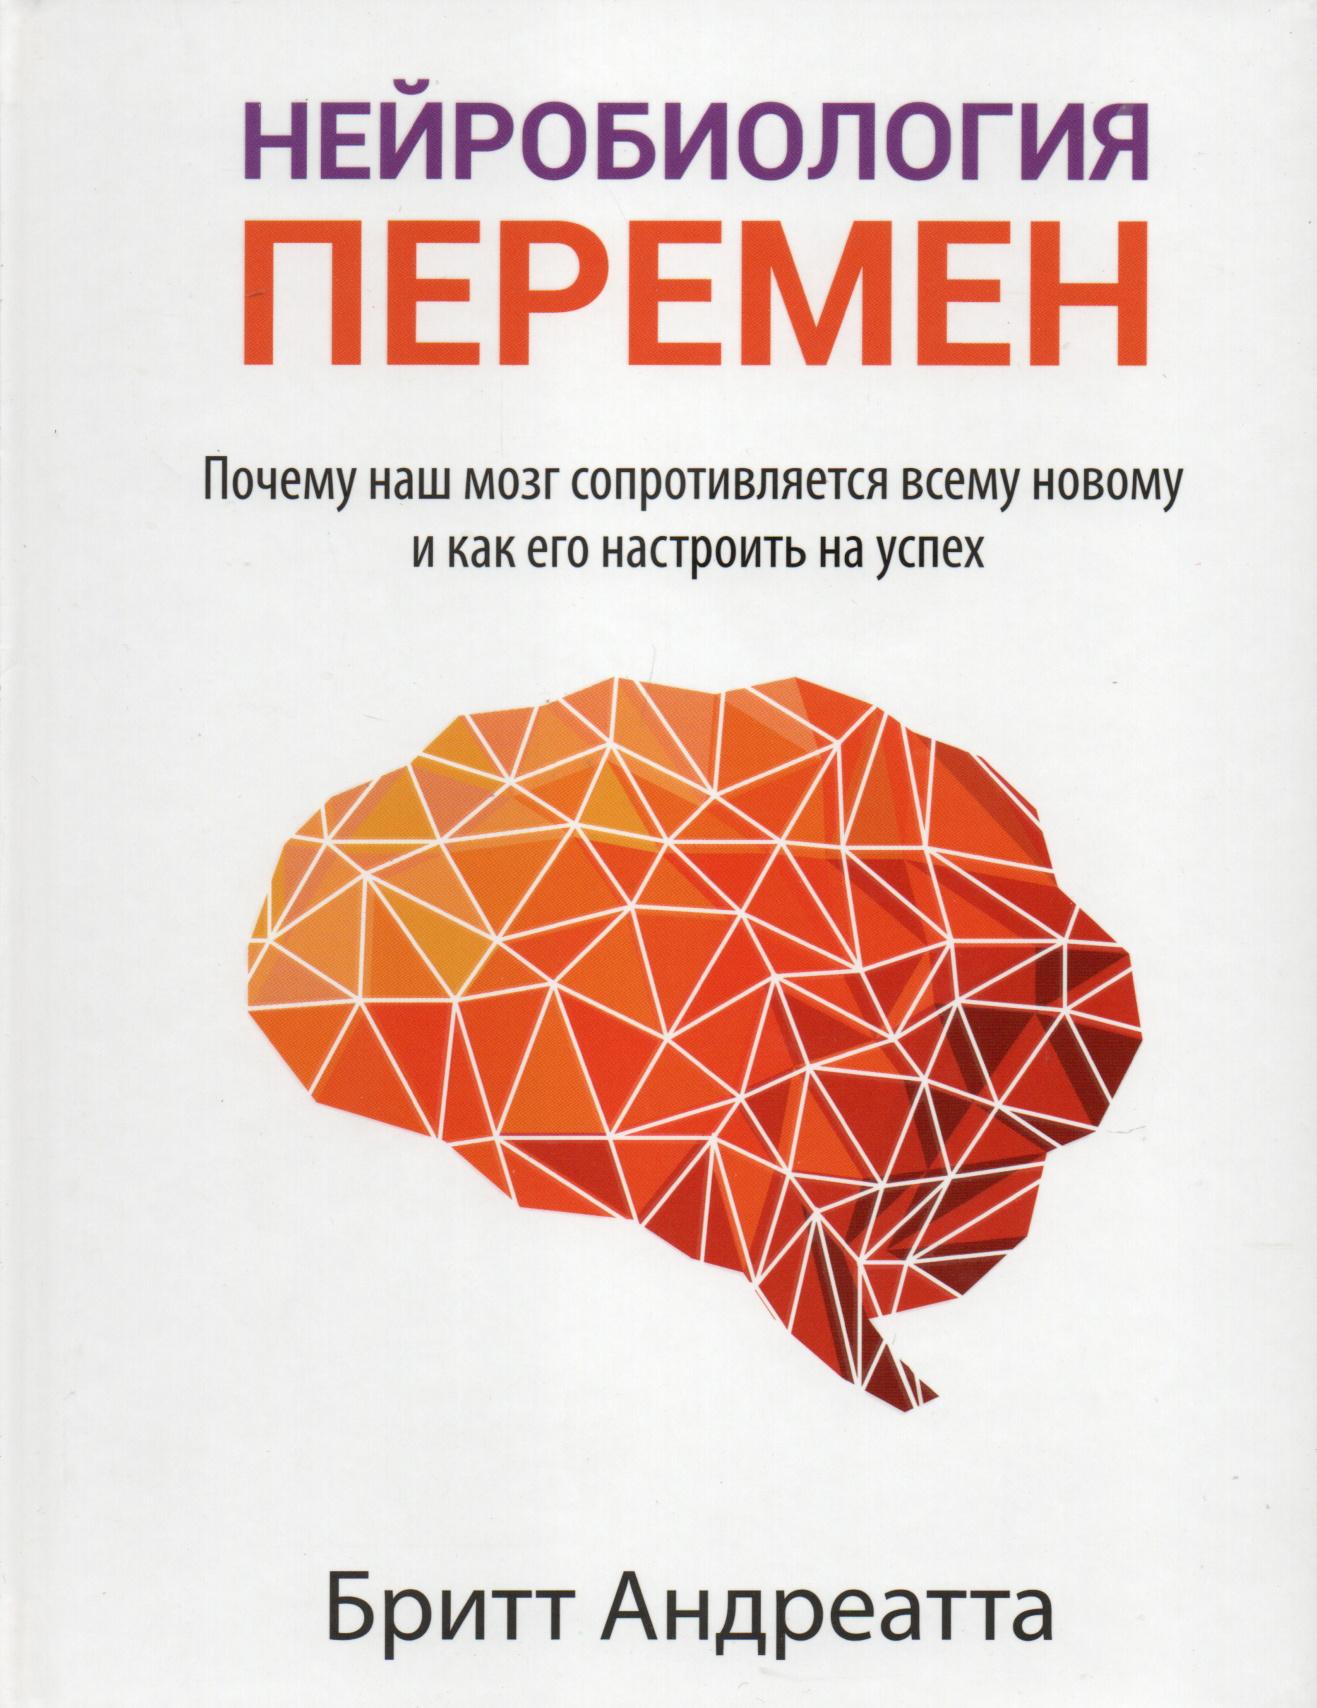 Нейробиология перемен: почему наш мозг сопротивляется всему новому и как его настроить на успех. Автор — Бритт Андреатта. Переплет —